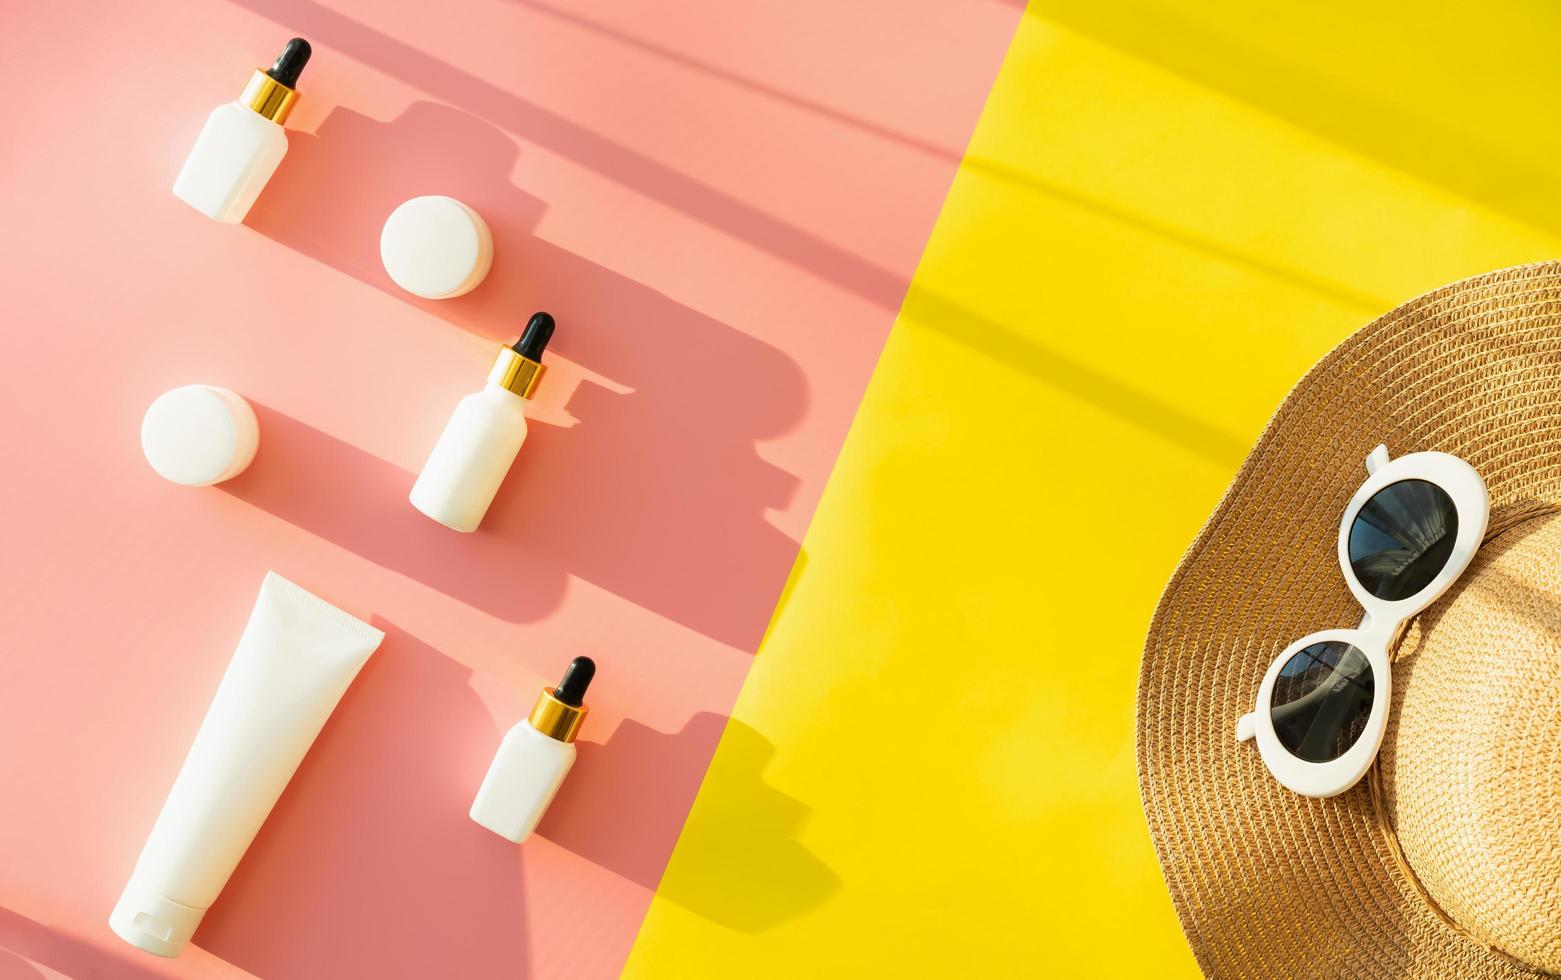 esfolar leigos de produtos de beleza, chapéu de sol e óculos de sol foto